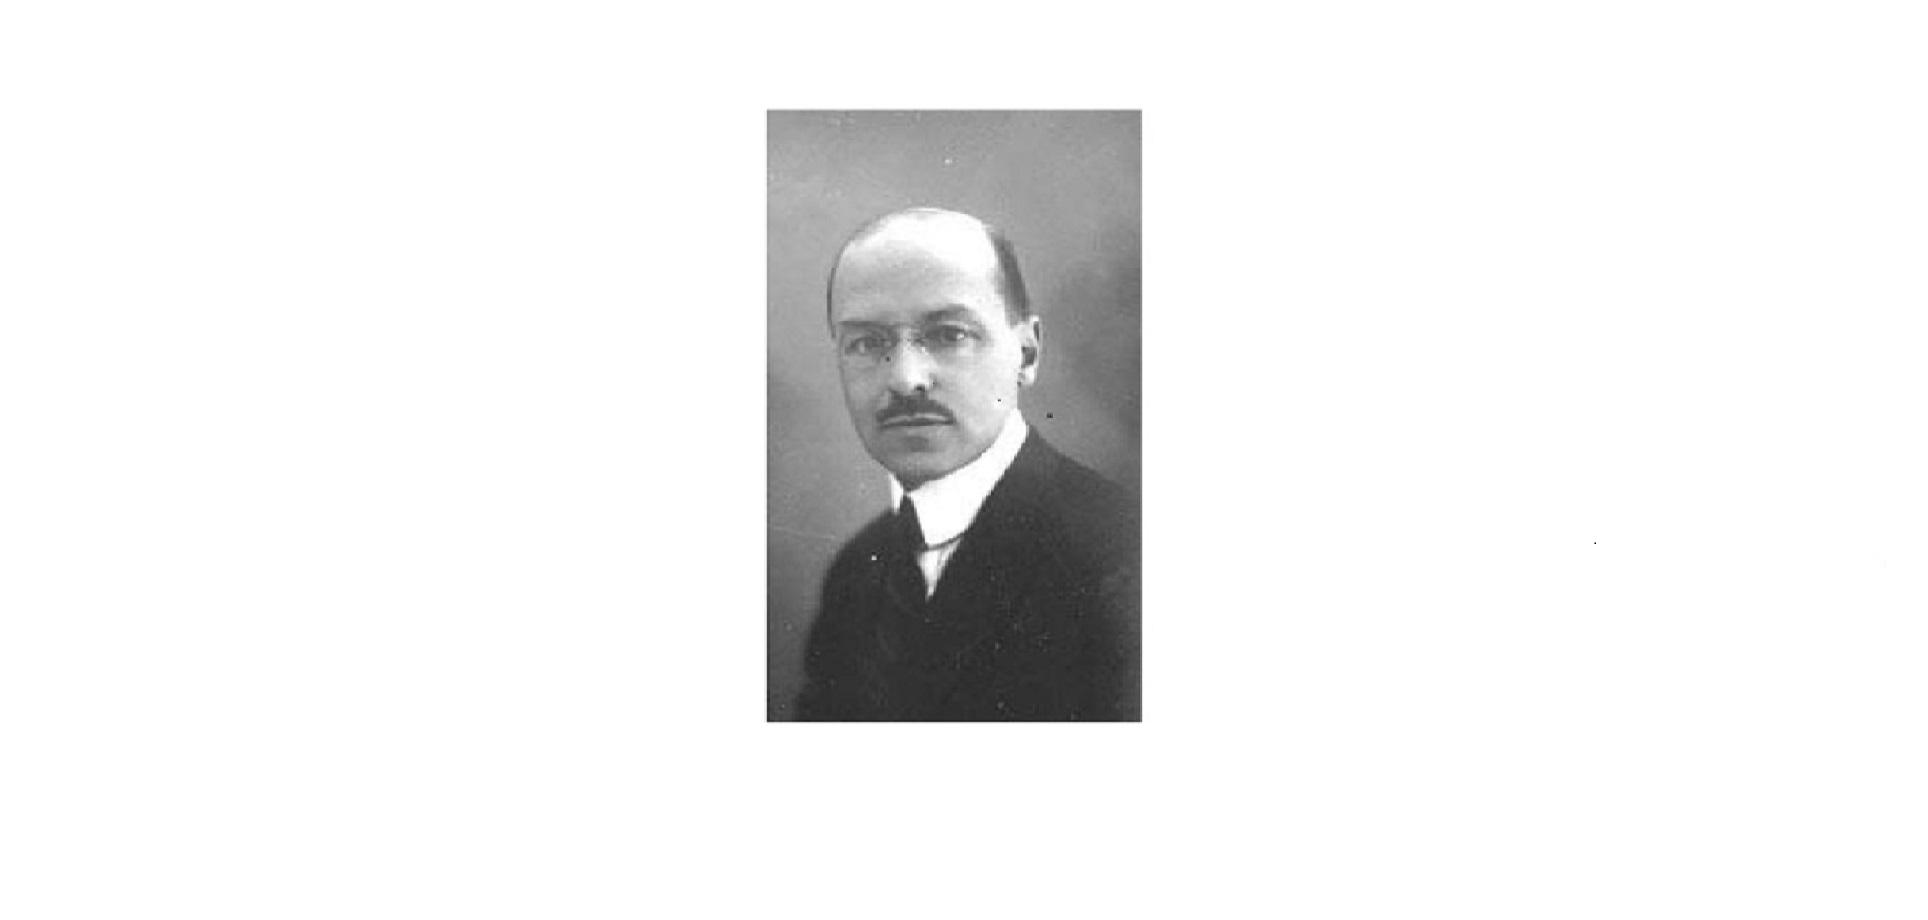 Un ritratto di Ugo Amaldi